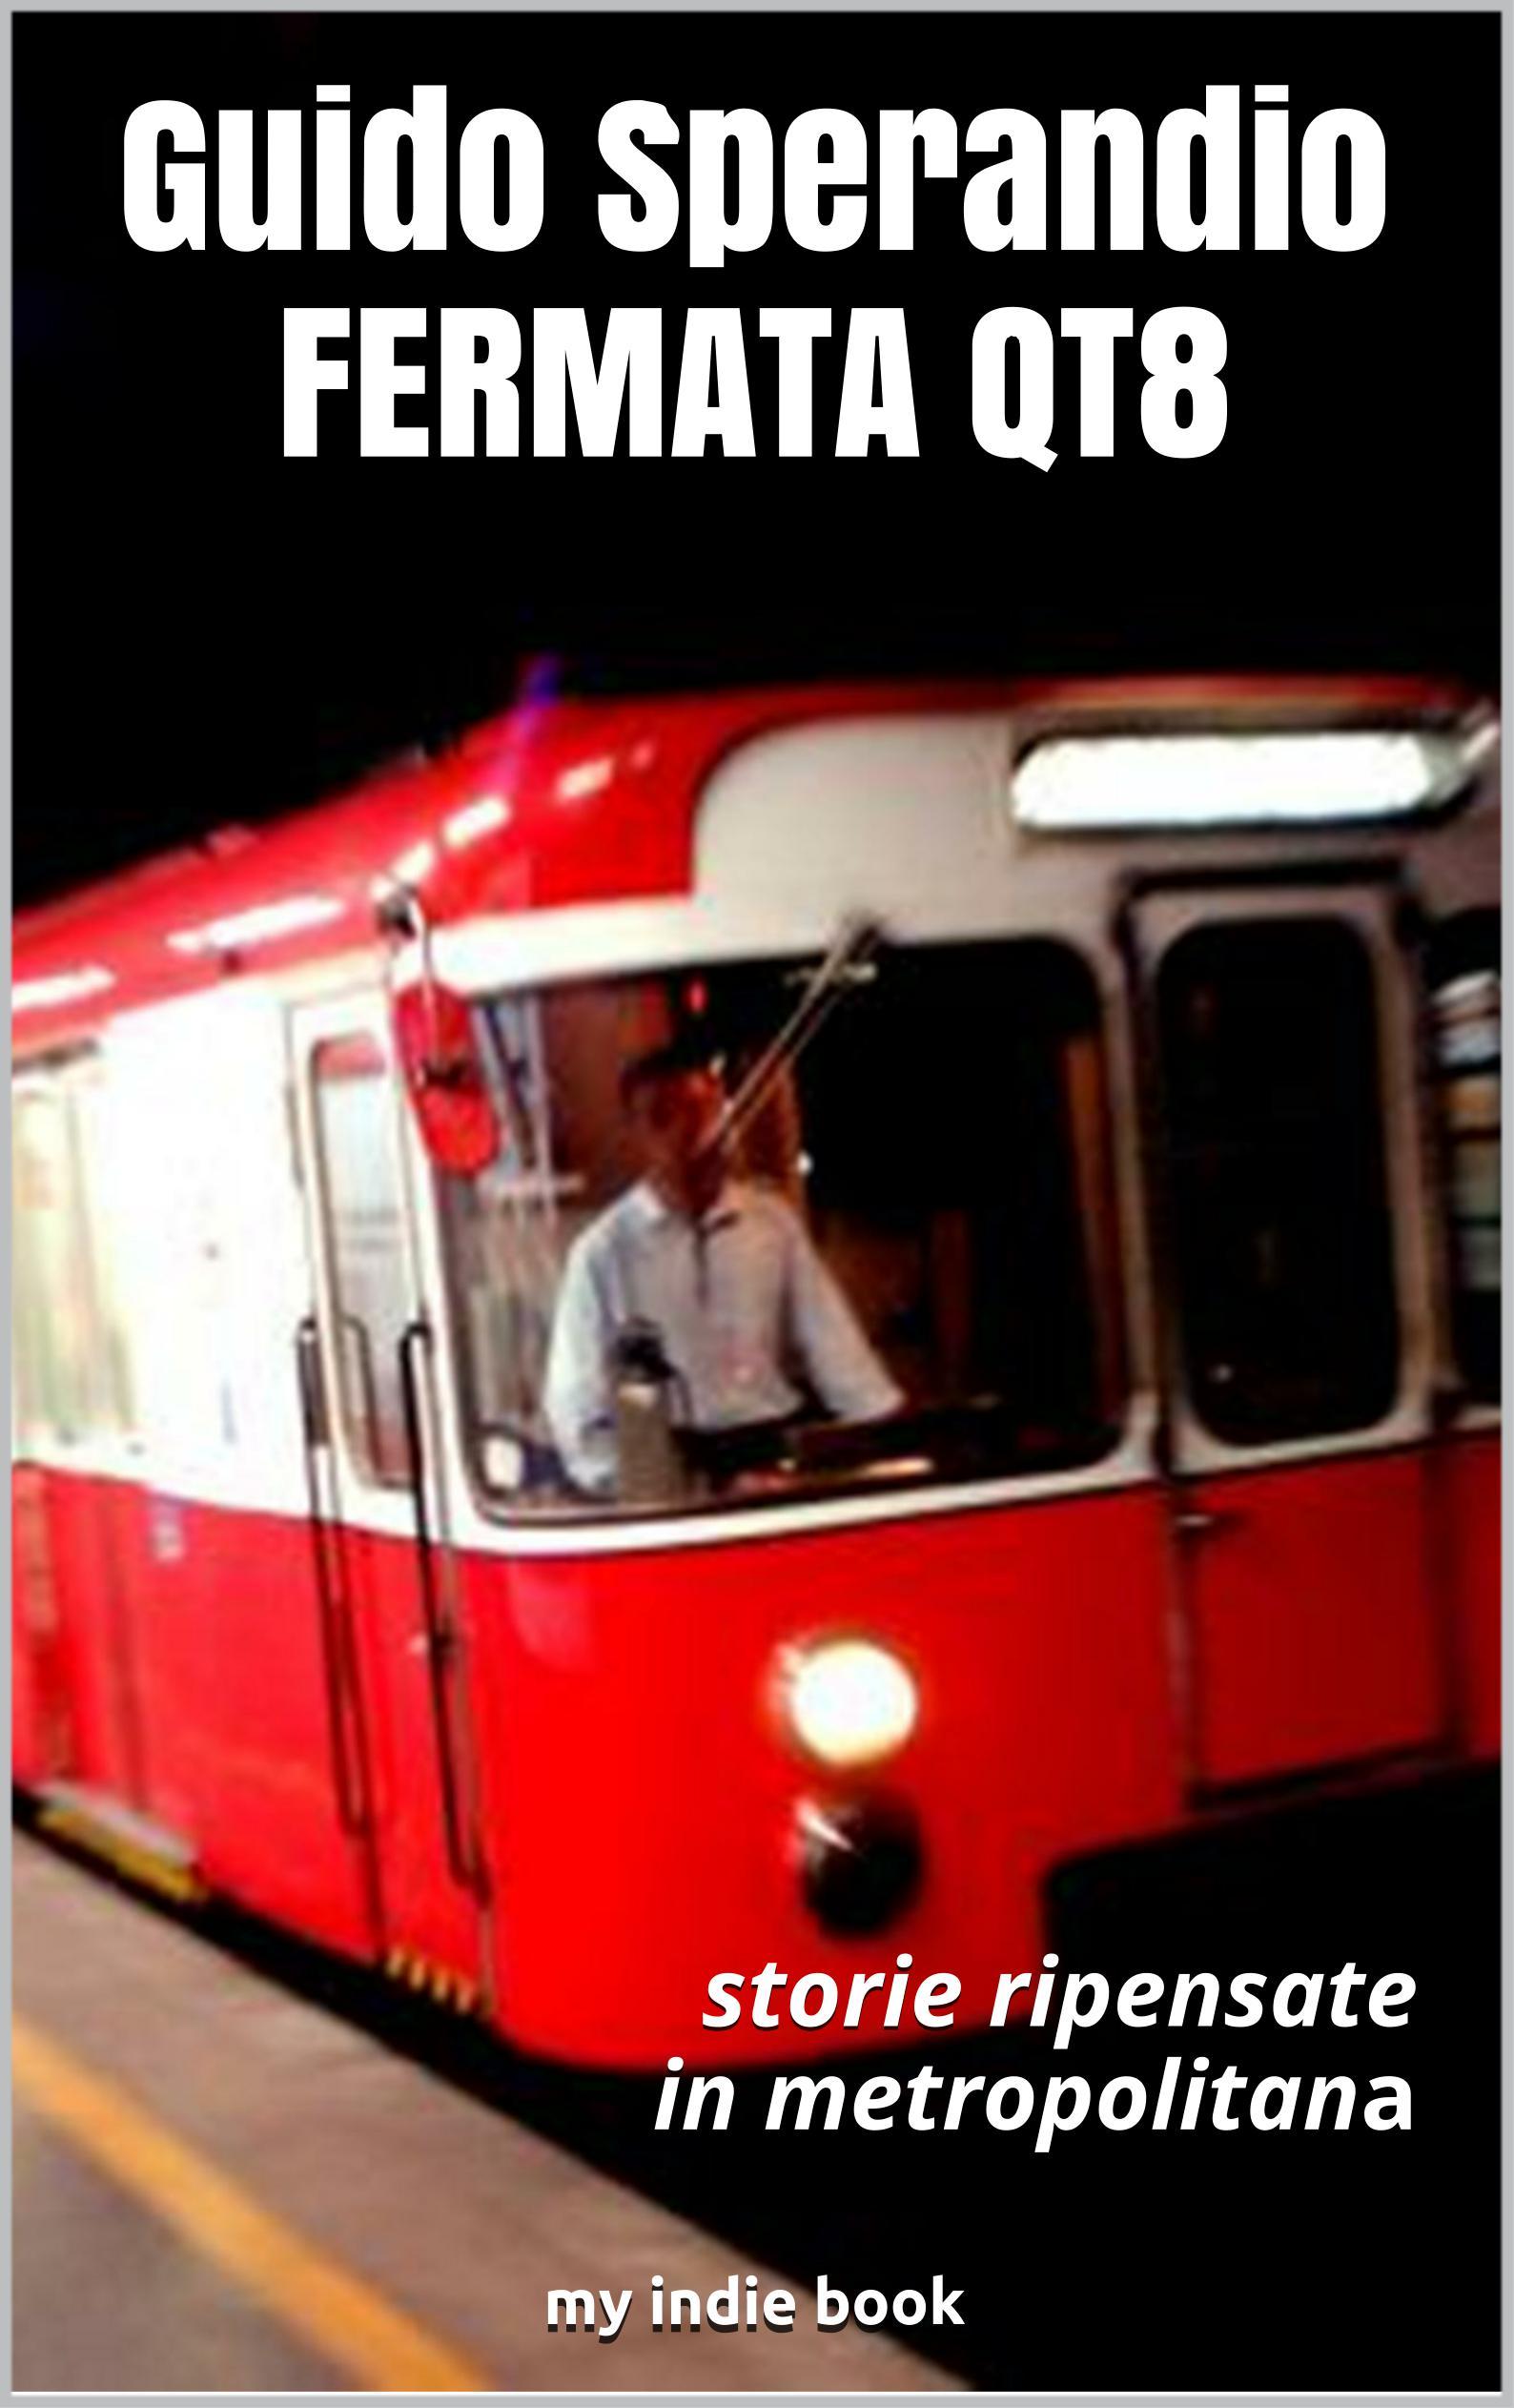 Fermata QT8 (storie ripensate in metropolitana)